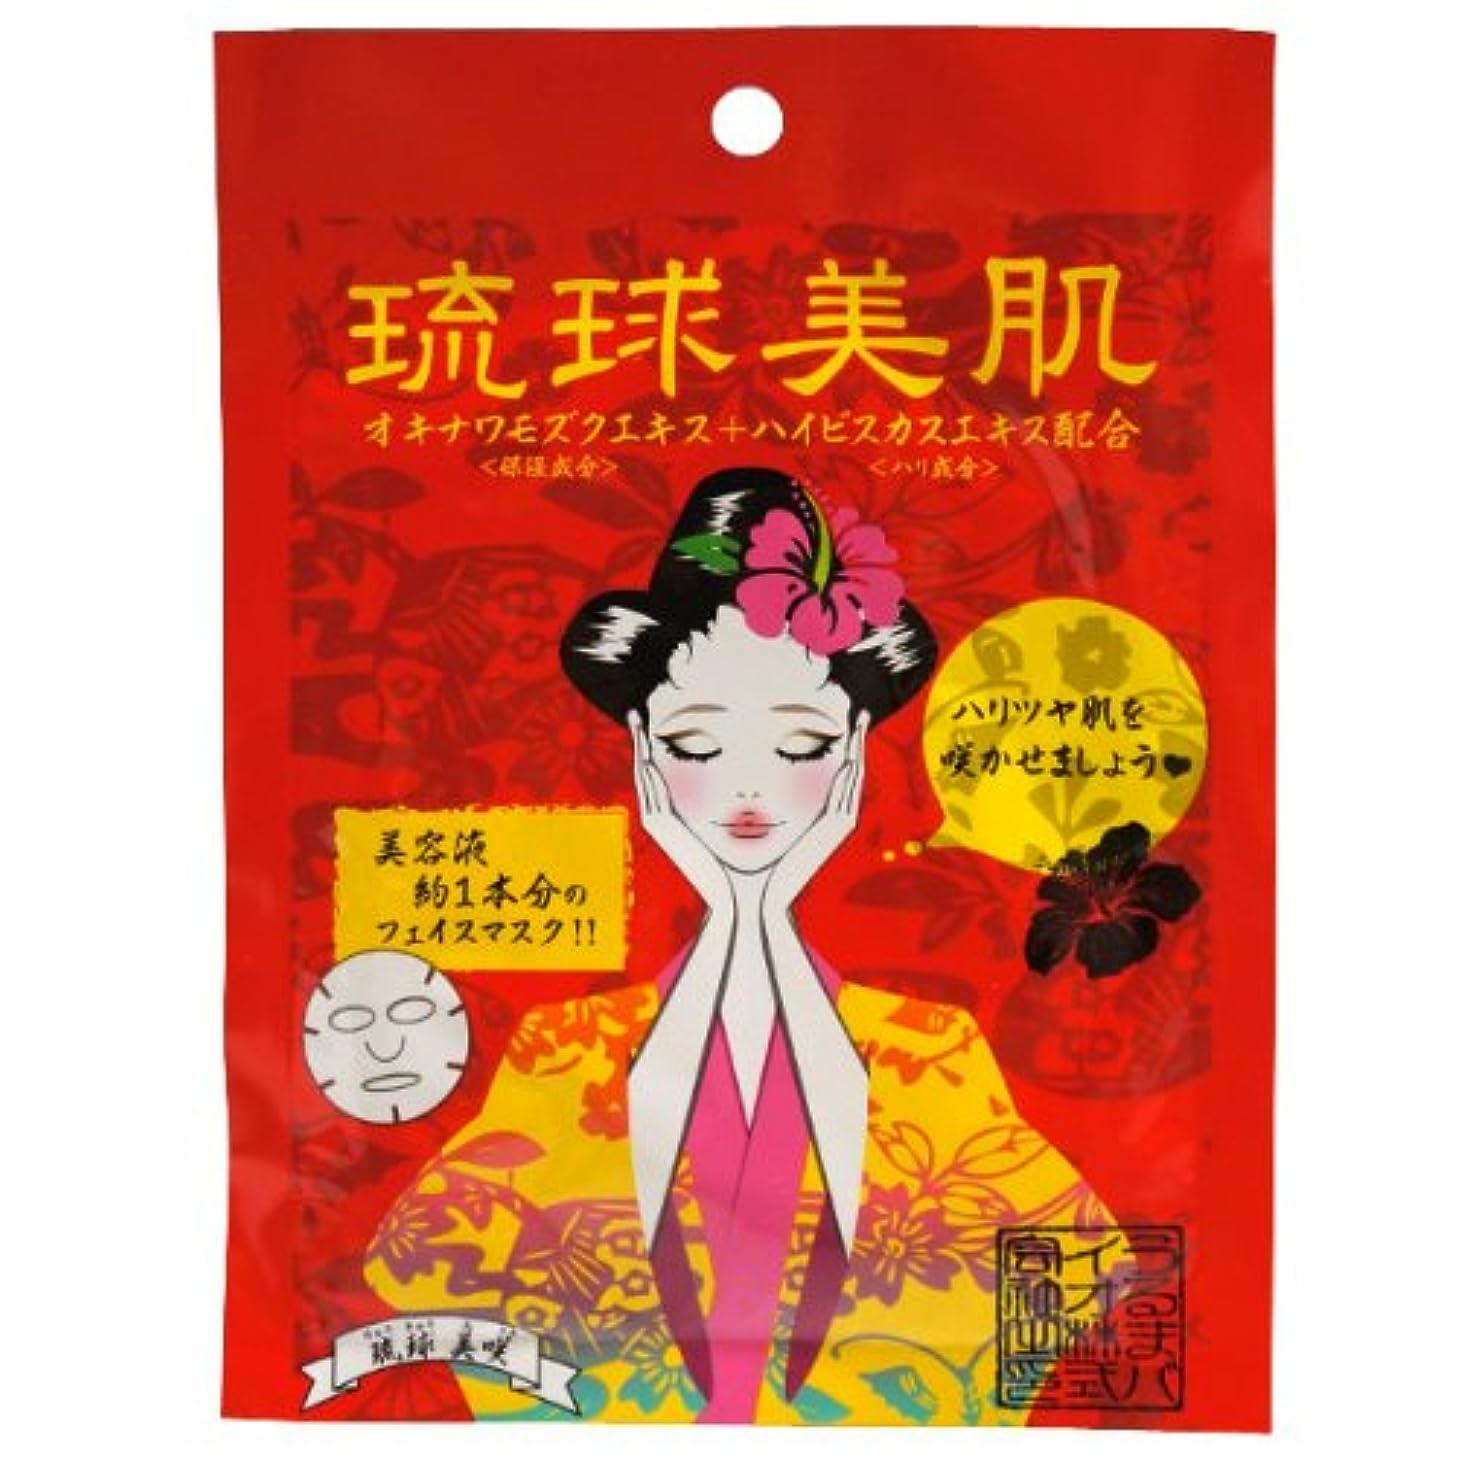 関税権限前琉球美肌 ハイビスカスの香り